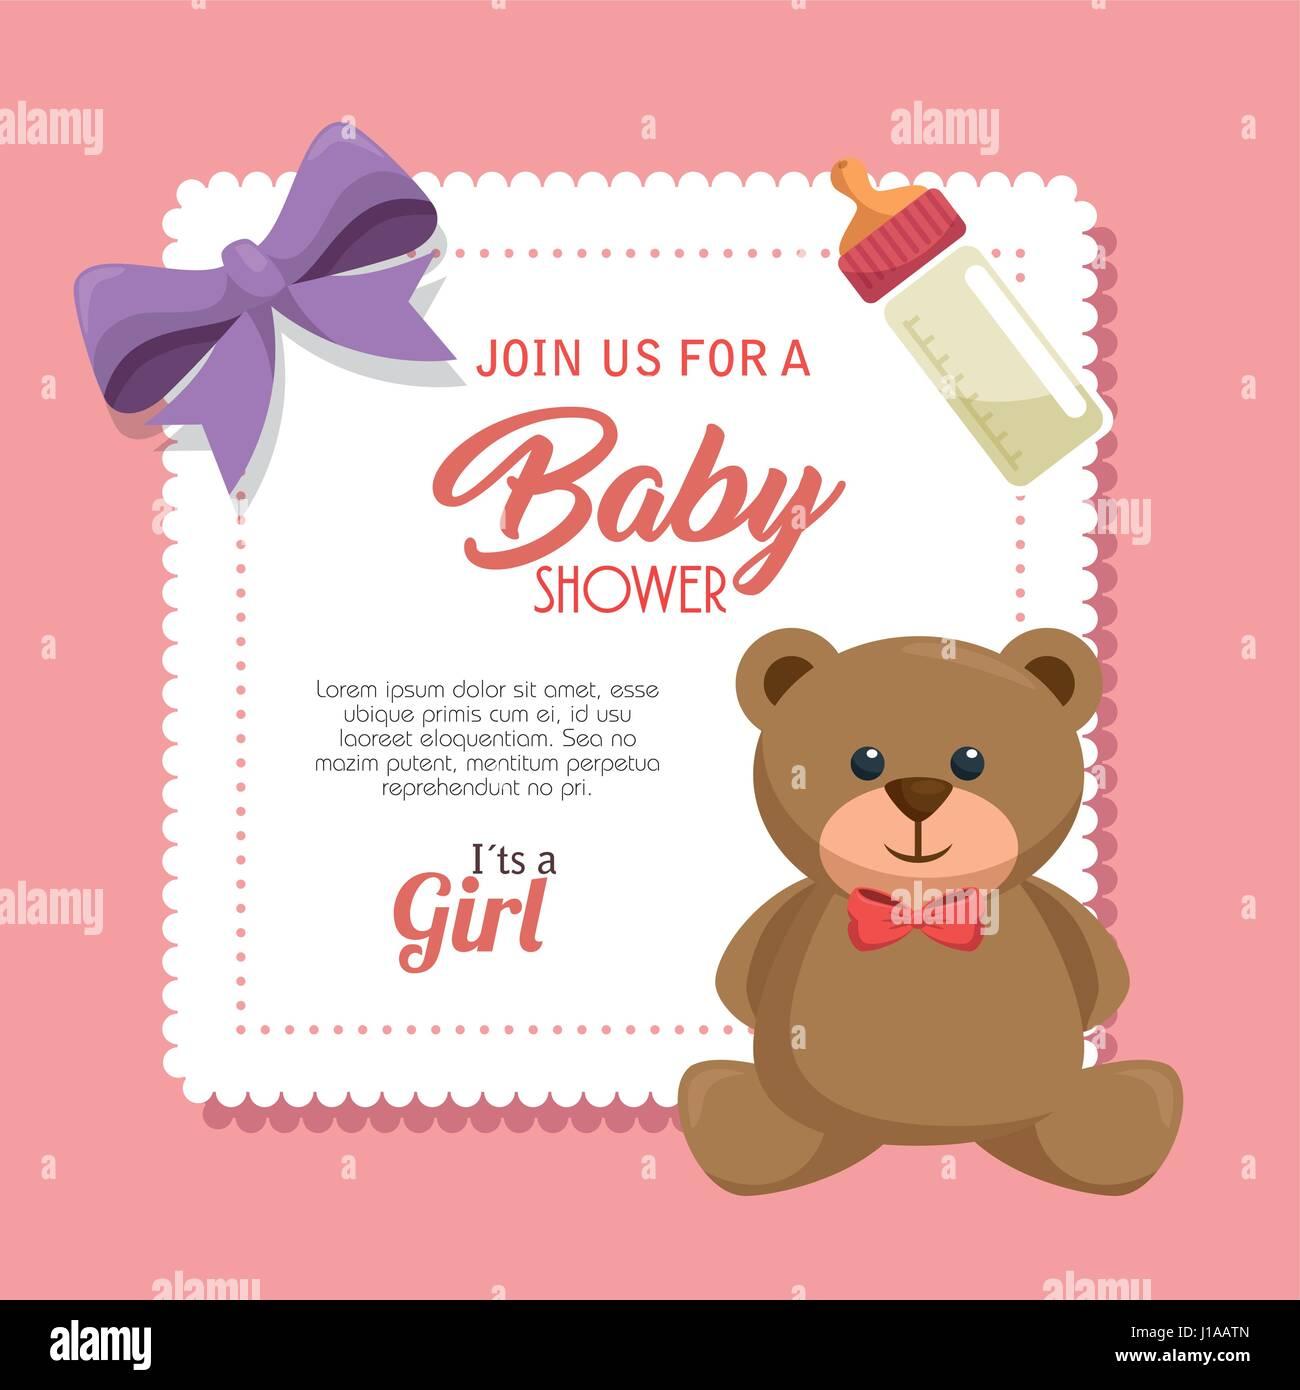 baby shower invitation card Stock Vector Art & Illustration, Vector ...